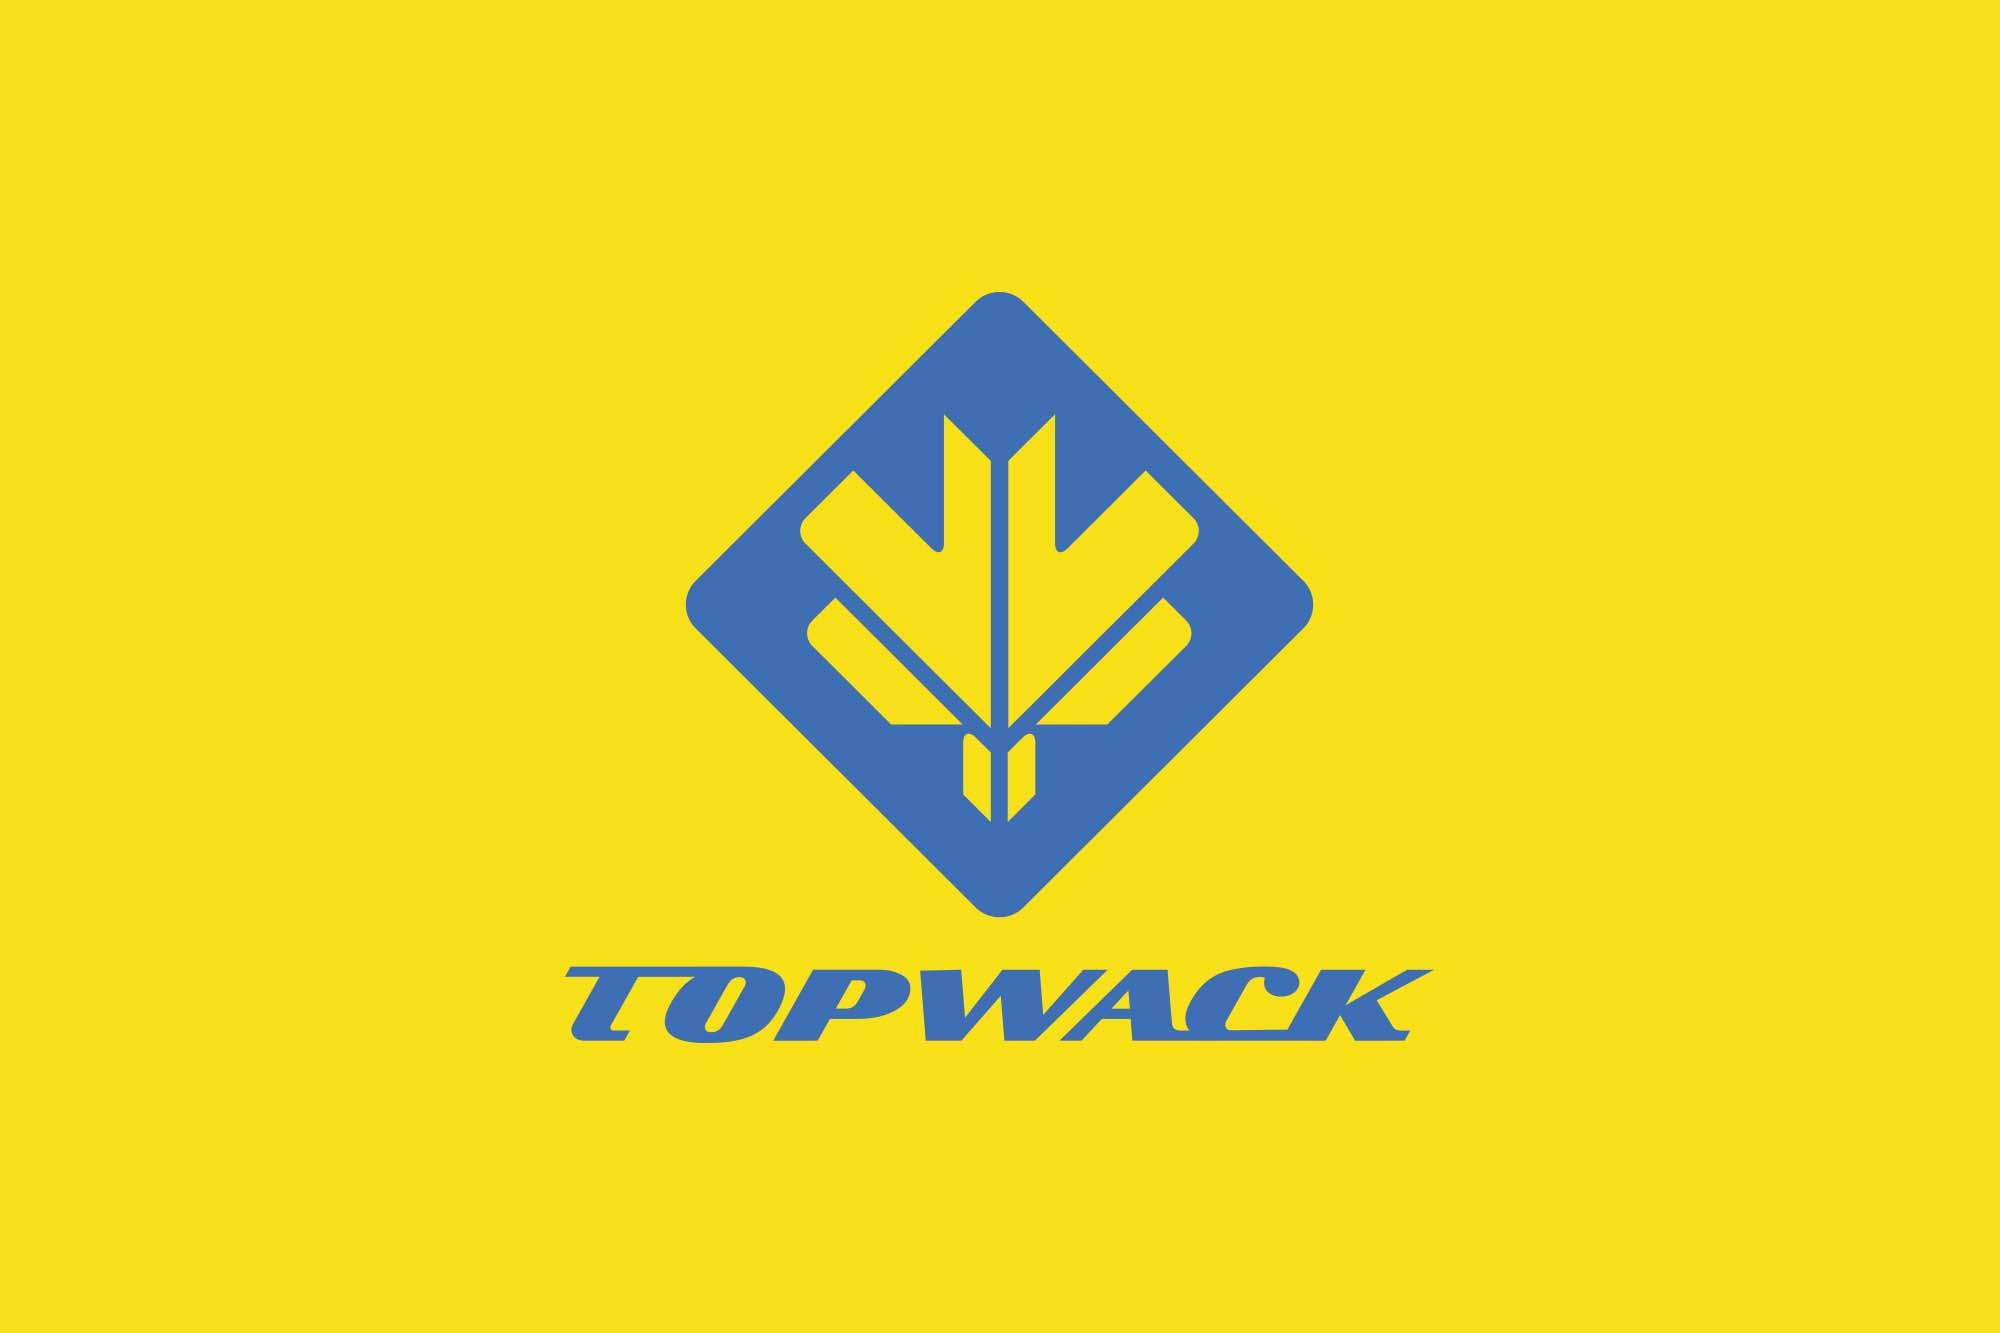 頂尖怪裁logo品牌形象設計